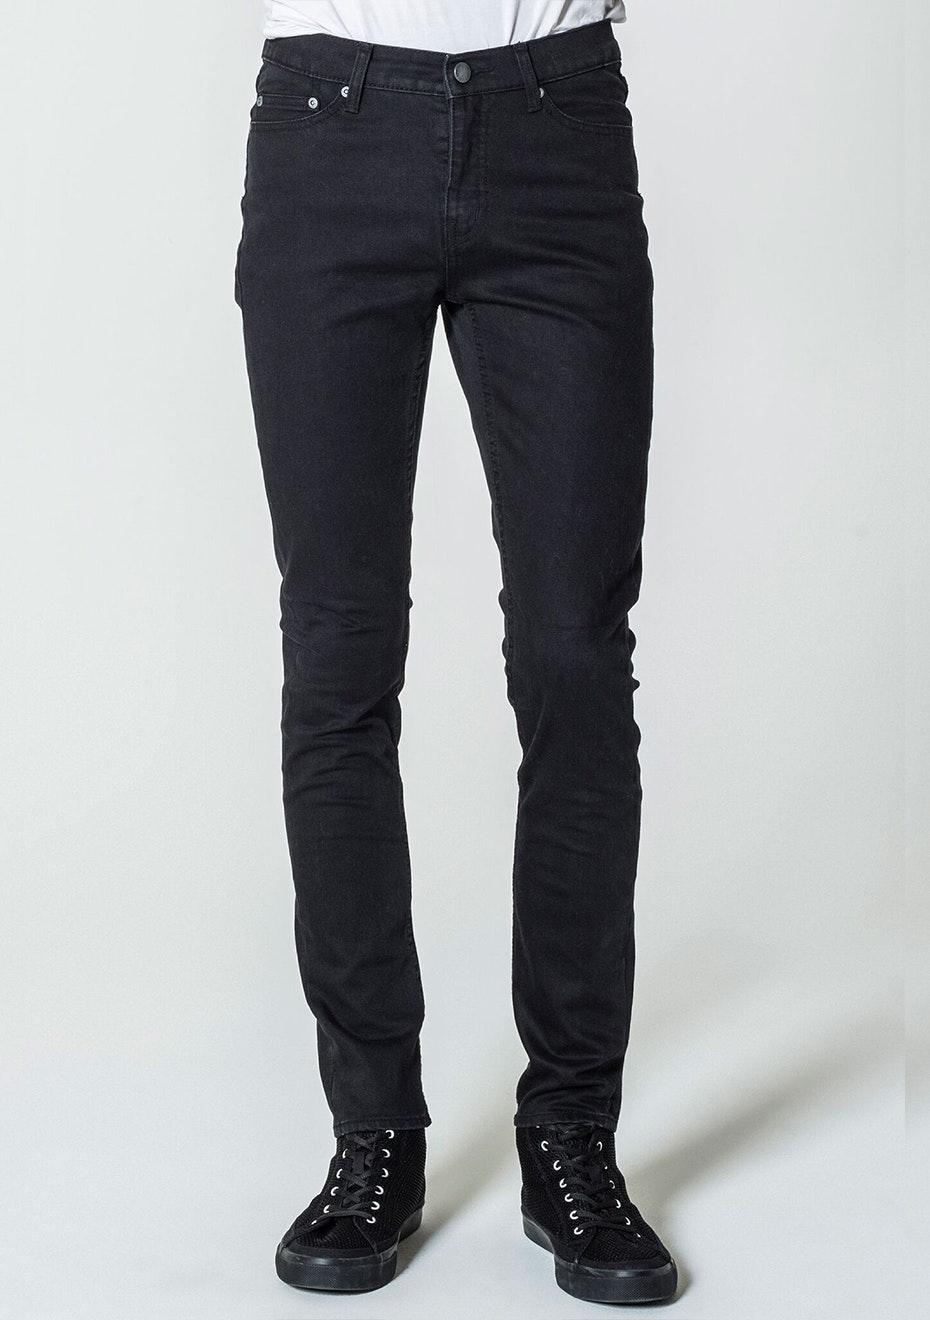 Cheap Monday - Mens - Sonic - Rinse Black 34 Leg